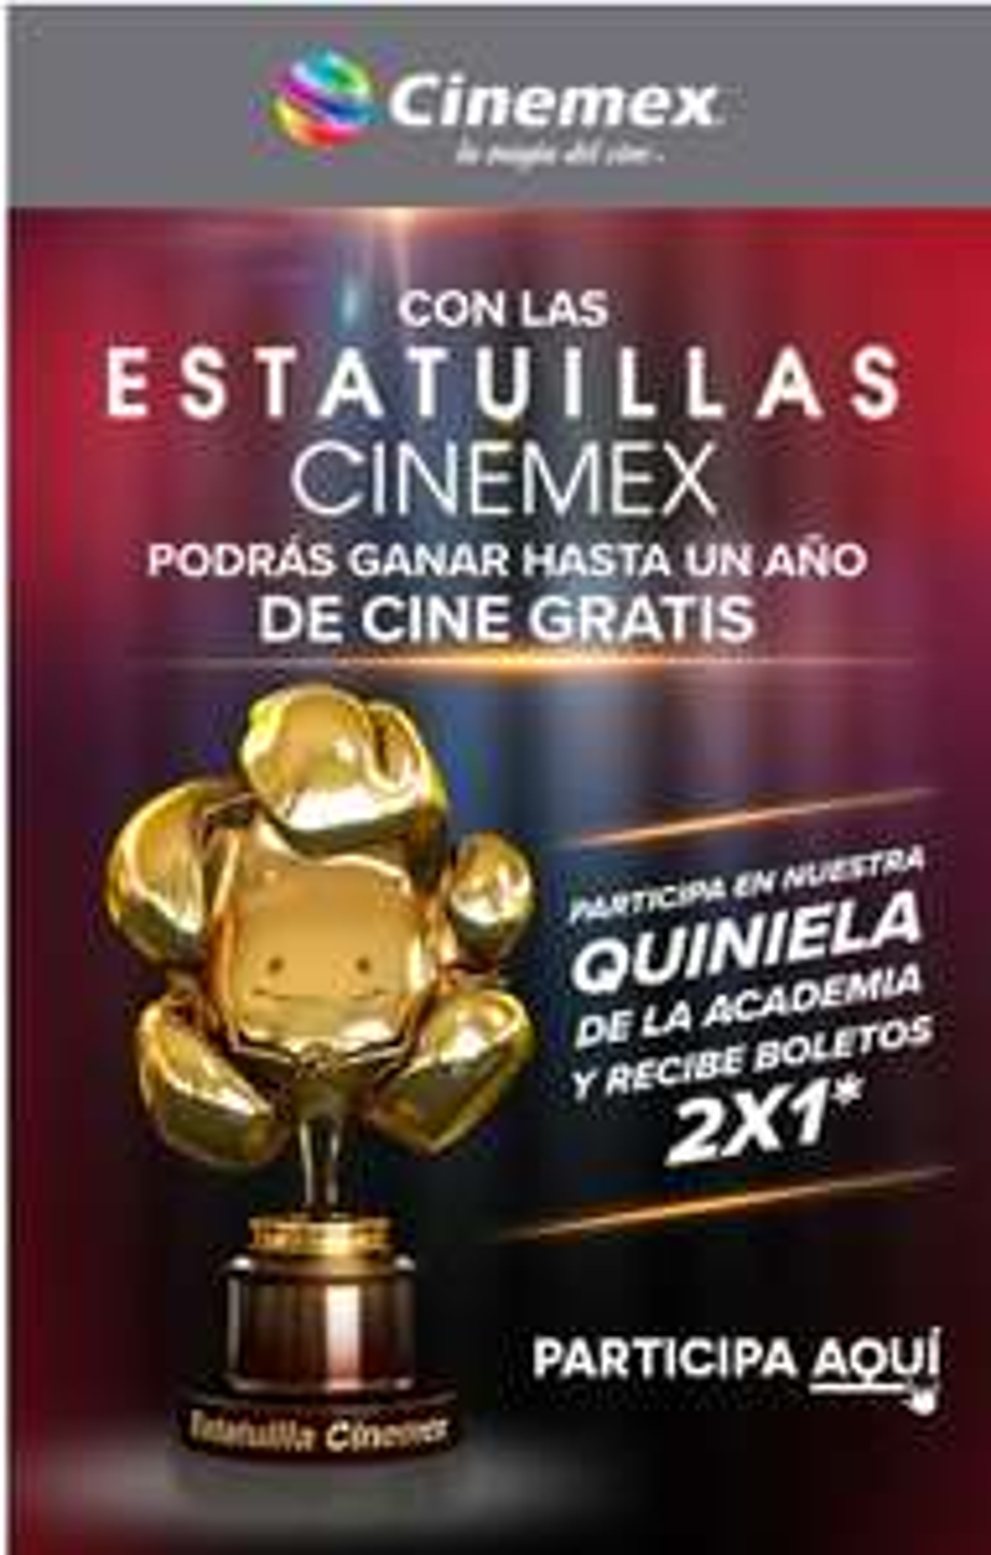 2x1 en Cinemex! Promoción para cinéfilos!